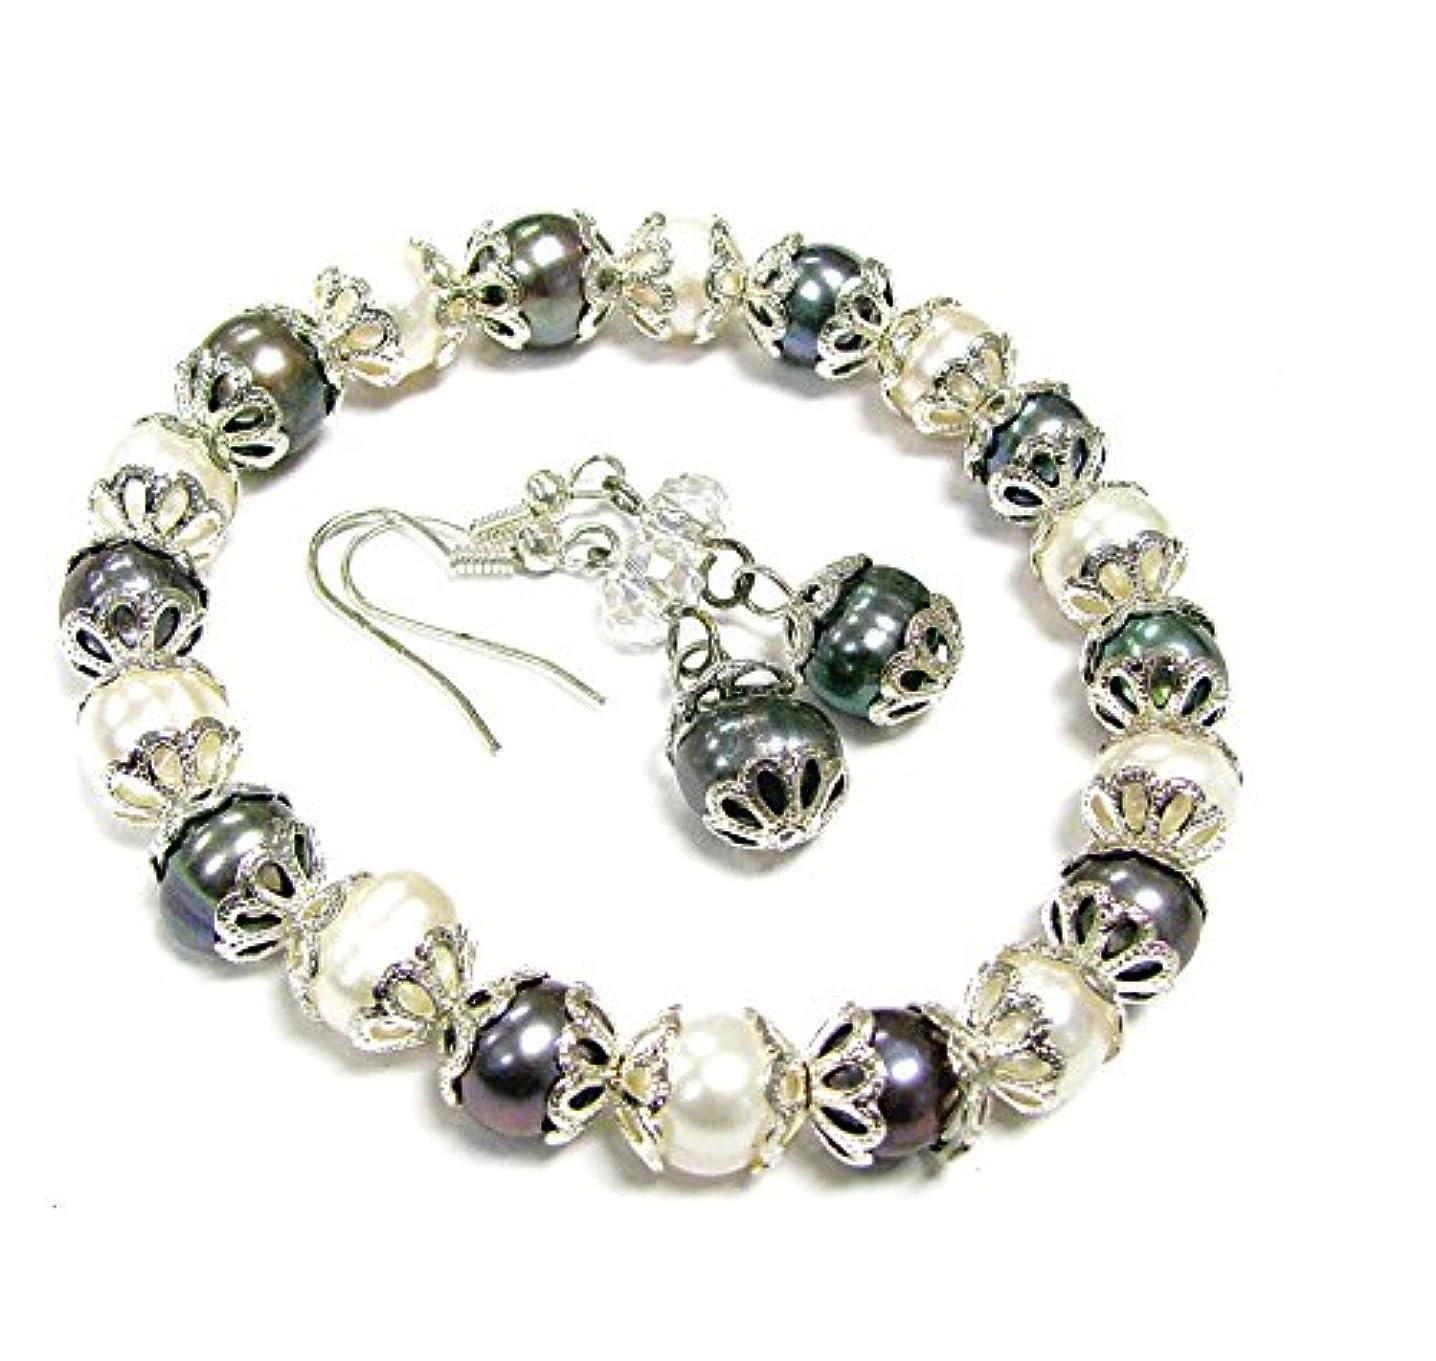 Linpeng Pearl Beads Stretch Bracelet Drop Earrings Jewelry Gift Set, White/Dark Grey